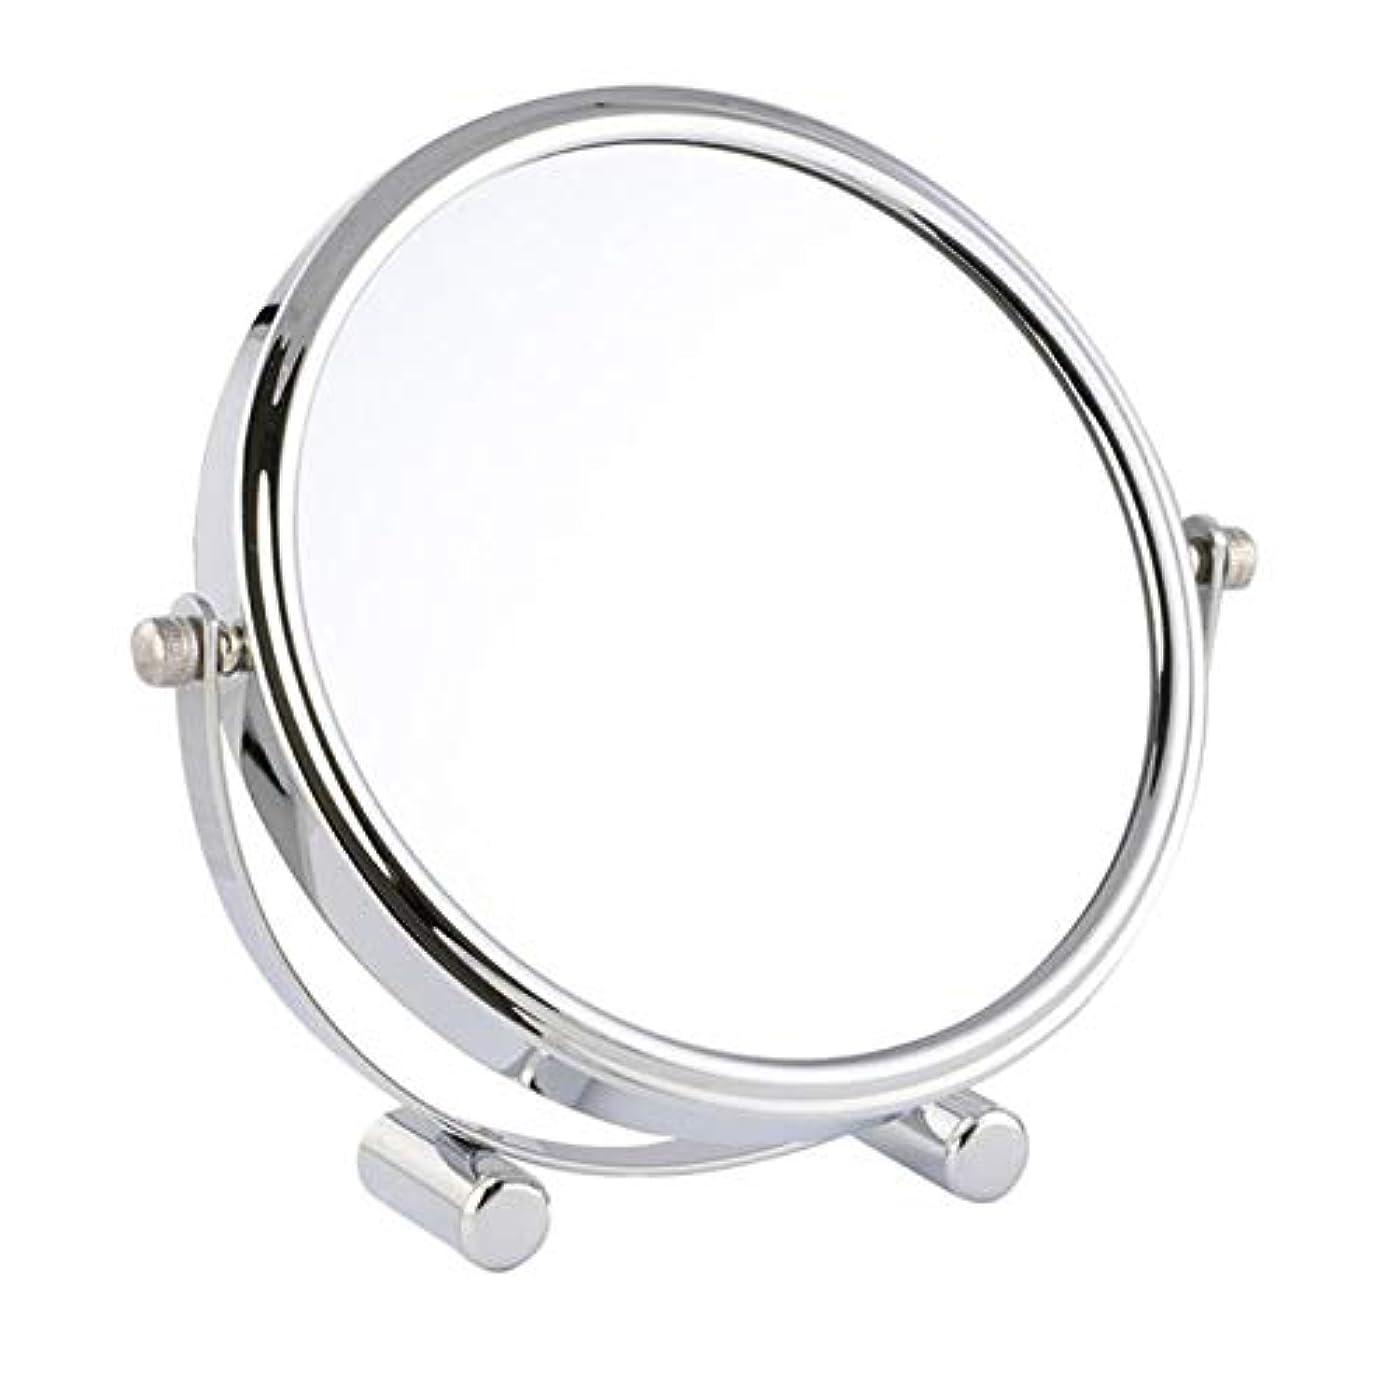 コーラス不愉快オプショナル化粧鏡 女優ミラー けメイクミラー スタンドミラー 卓上鏡 化粧道具 両面鏡 片面2倍 拡大鏡 360度回転 鏡面直径17cm